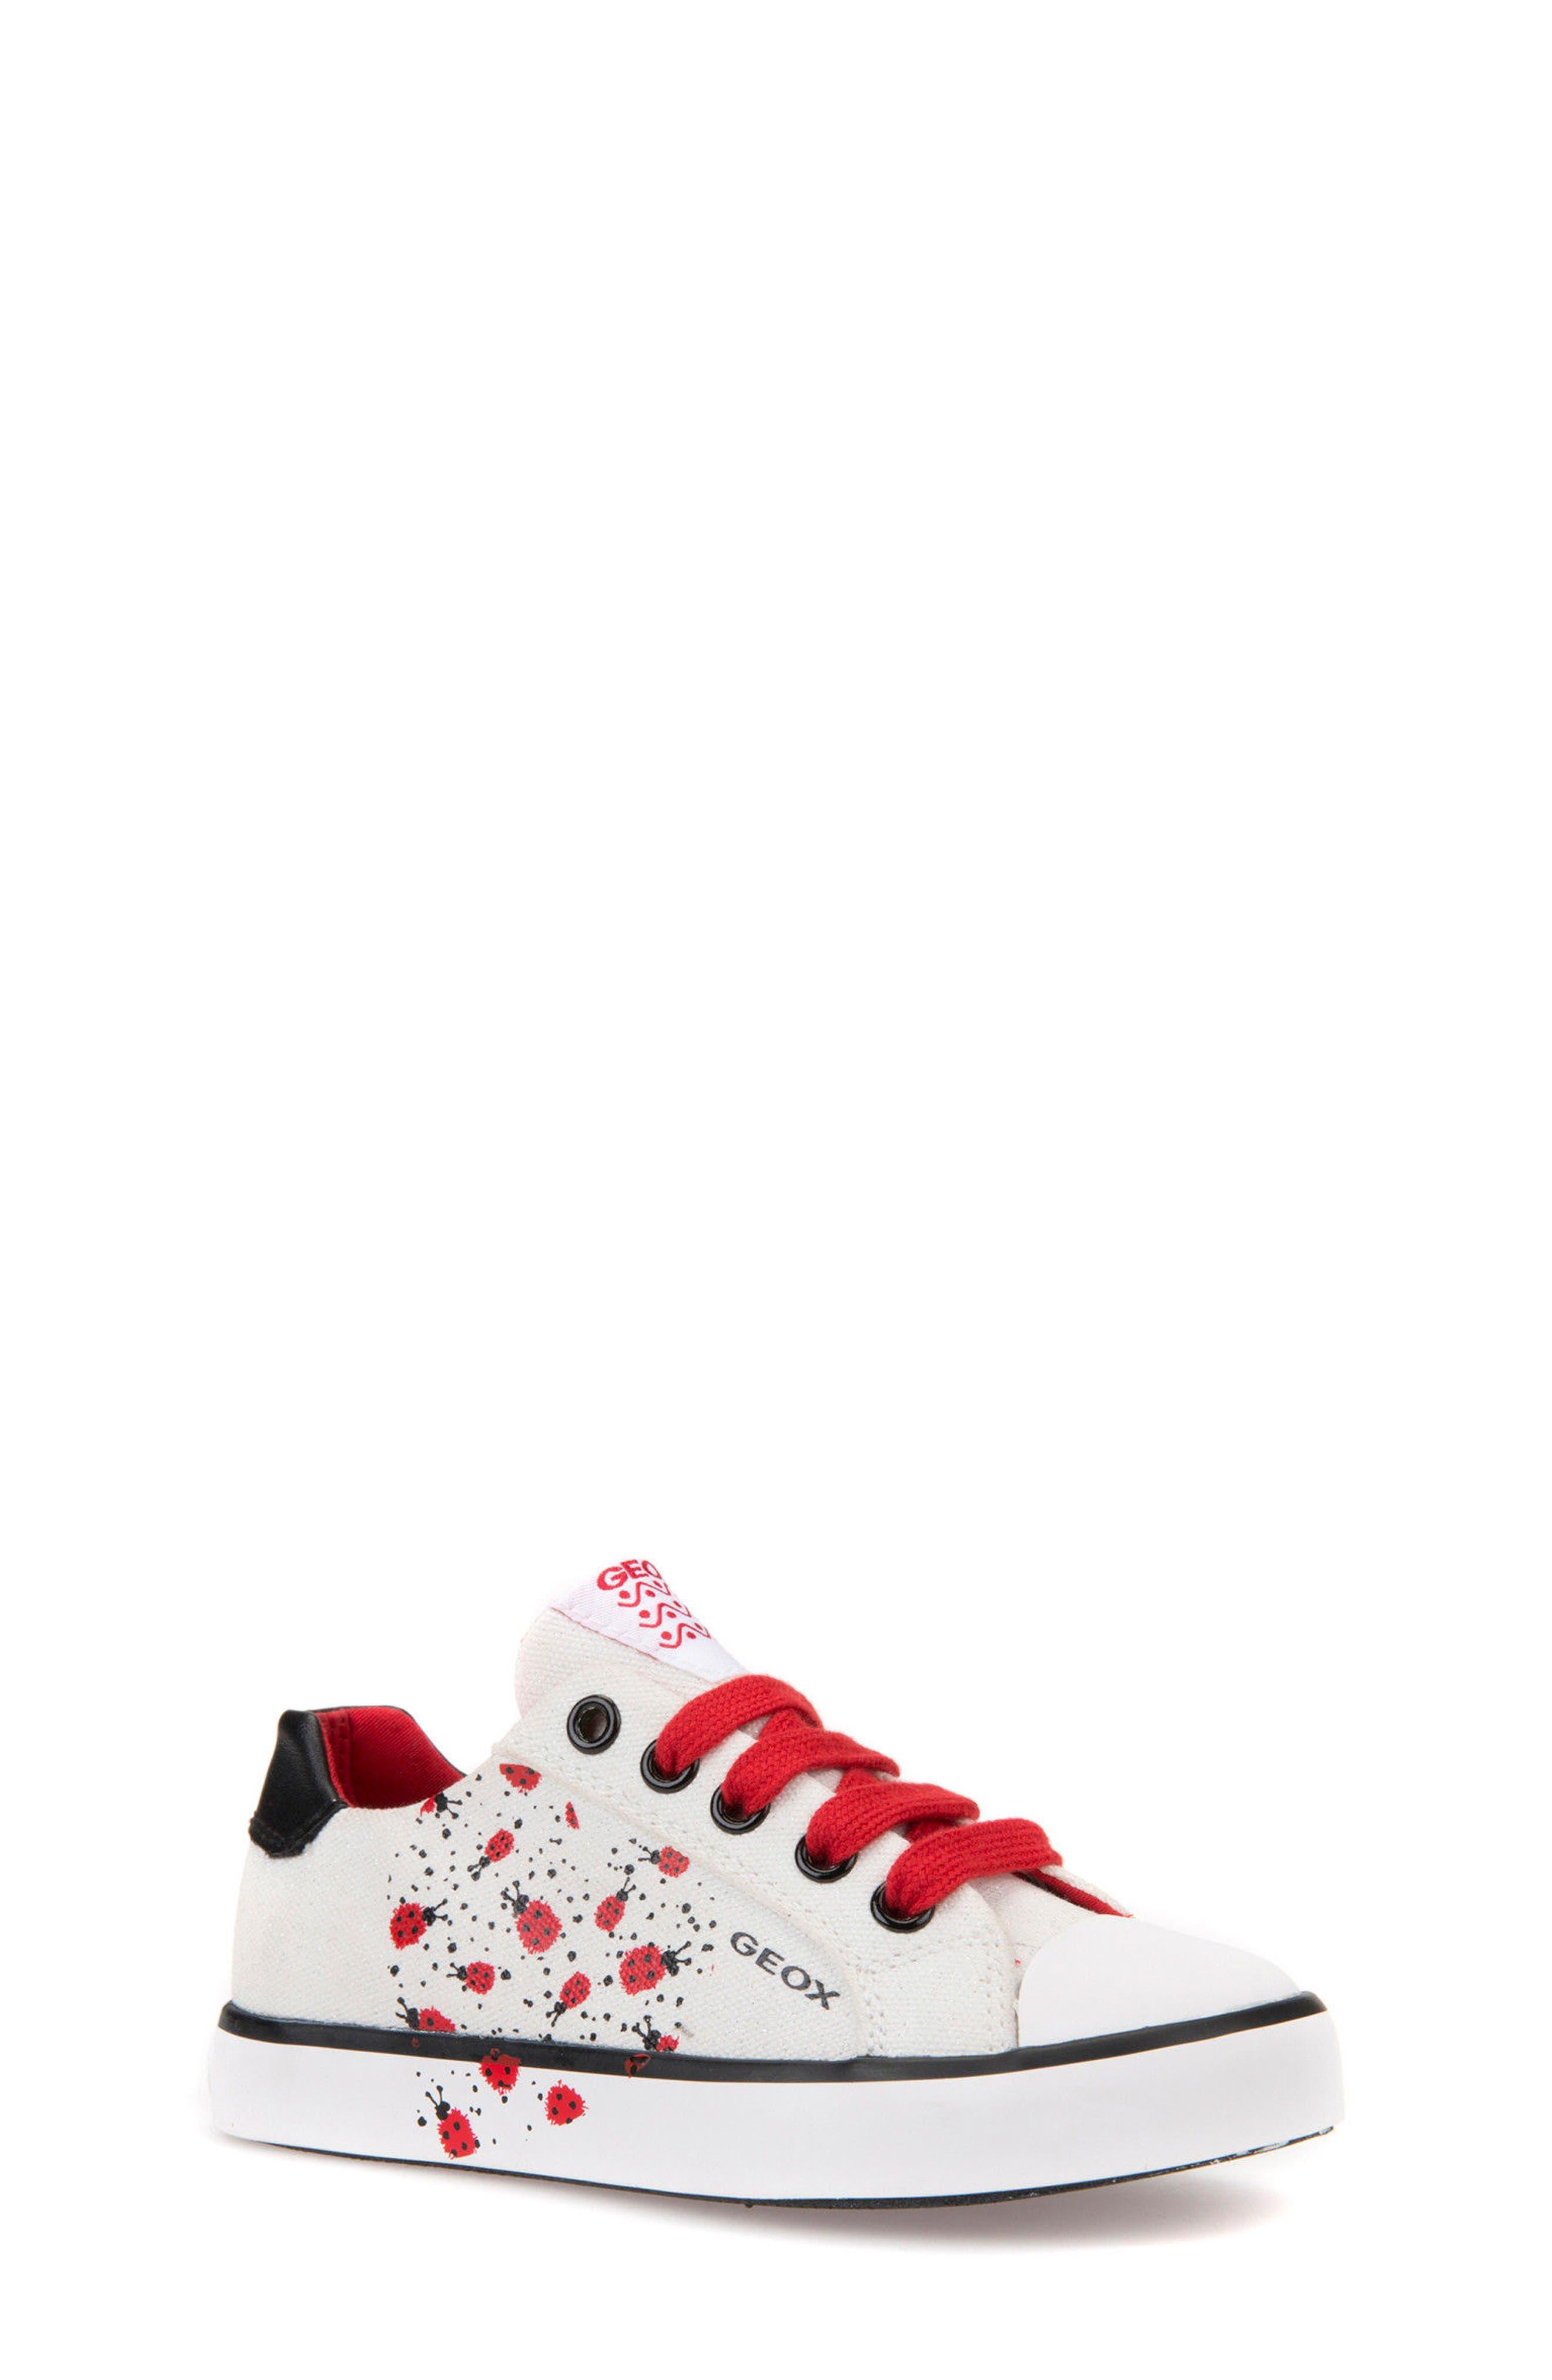 Ciak Low Top Sneaker,                         Main,                         color, 116